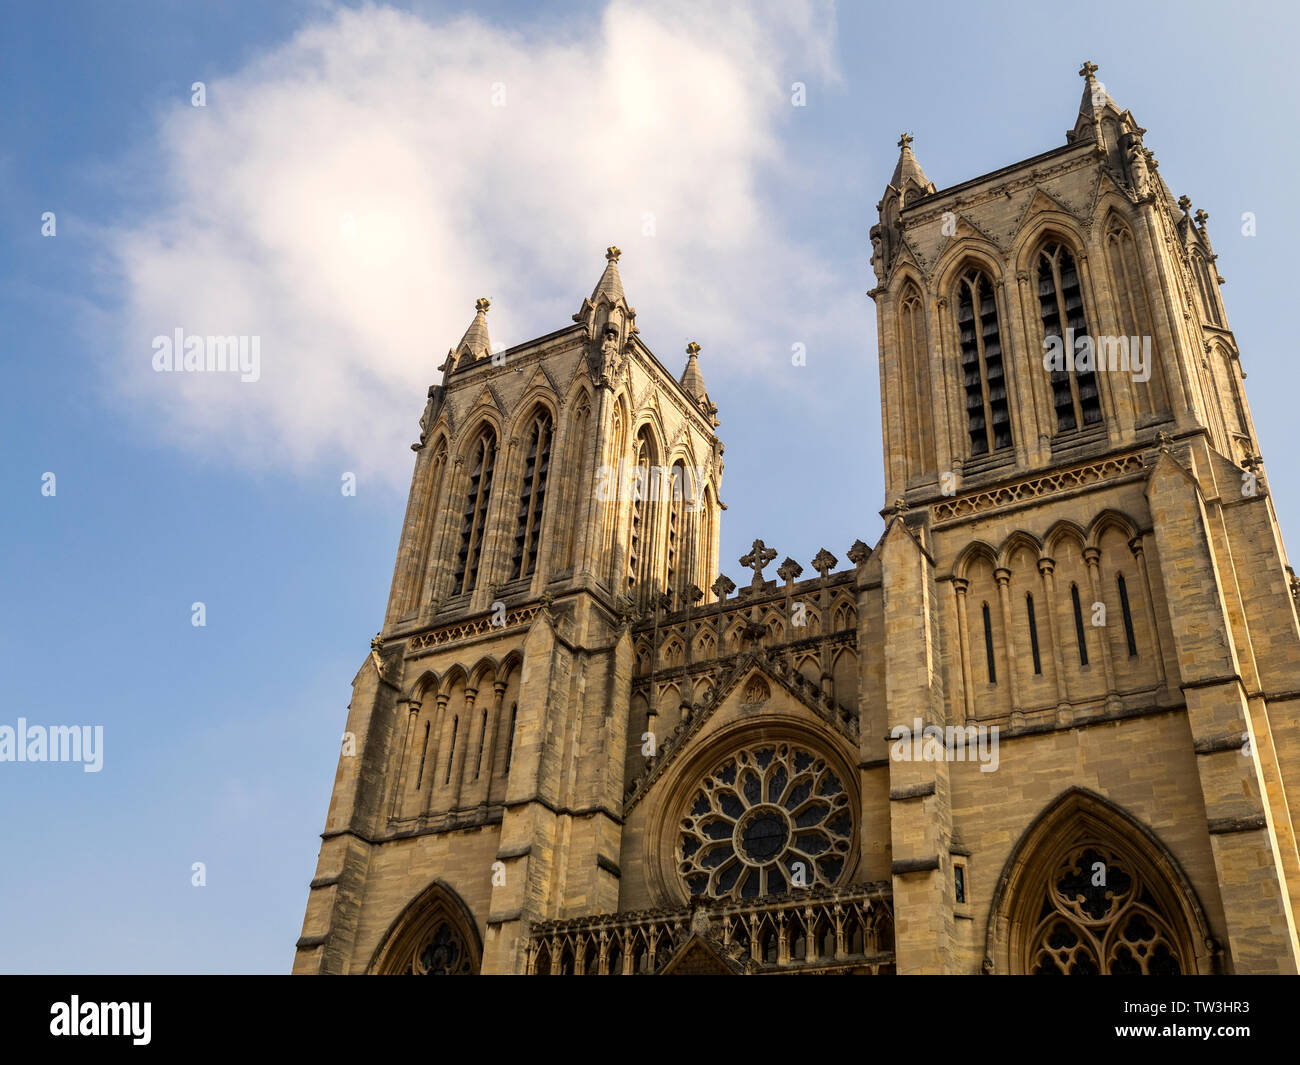 Deux tours sur l'avant de l'ouest la cathédrale de Bristol, Bristol, England, UK Banque D'Images